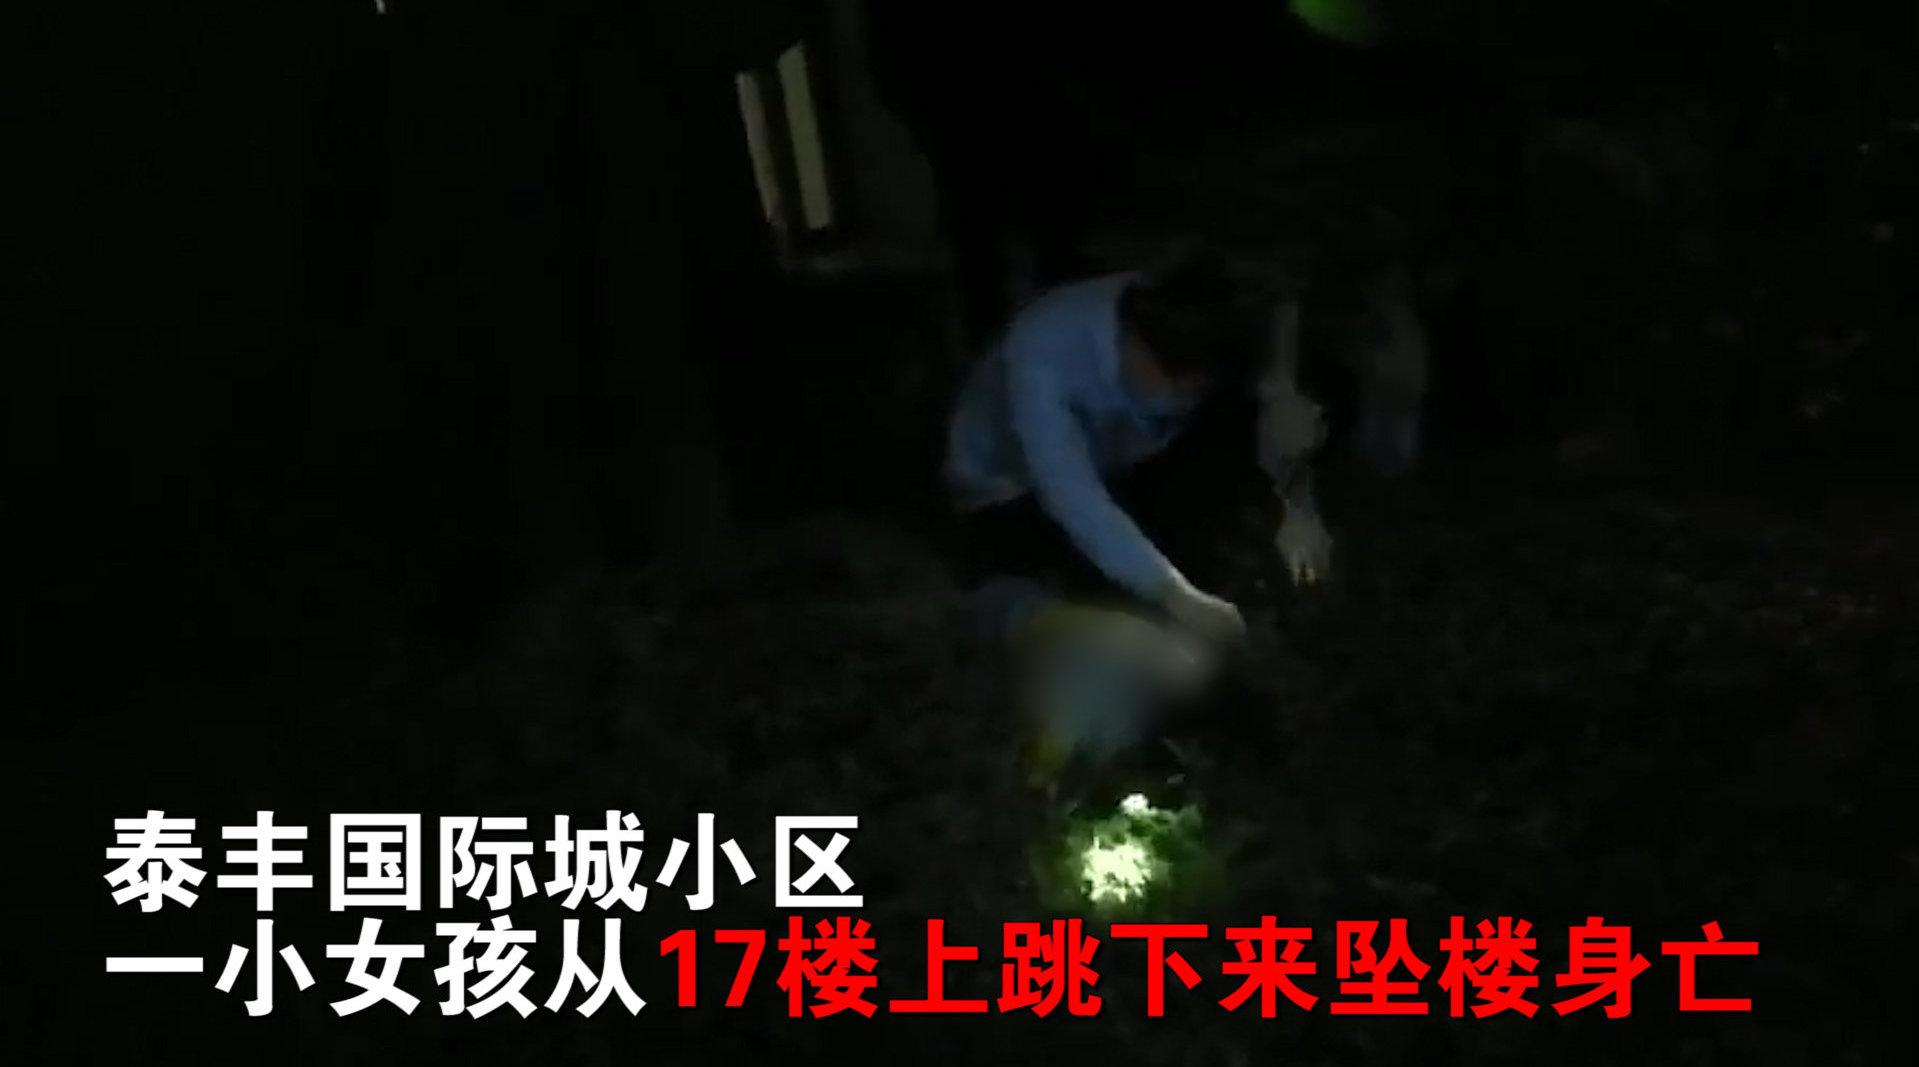 疑因学习压力过大,自贡一女孩从17楼坠楼身亡,现场家属痛哭哀嚎